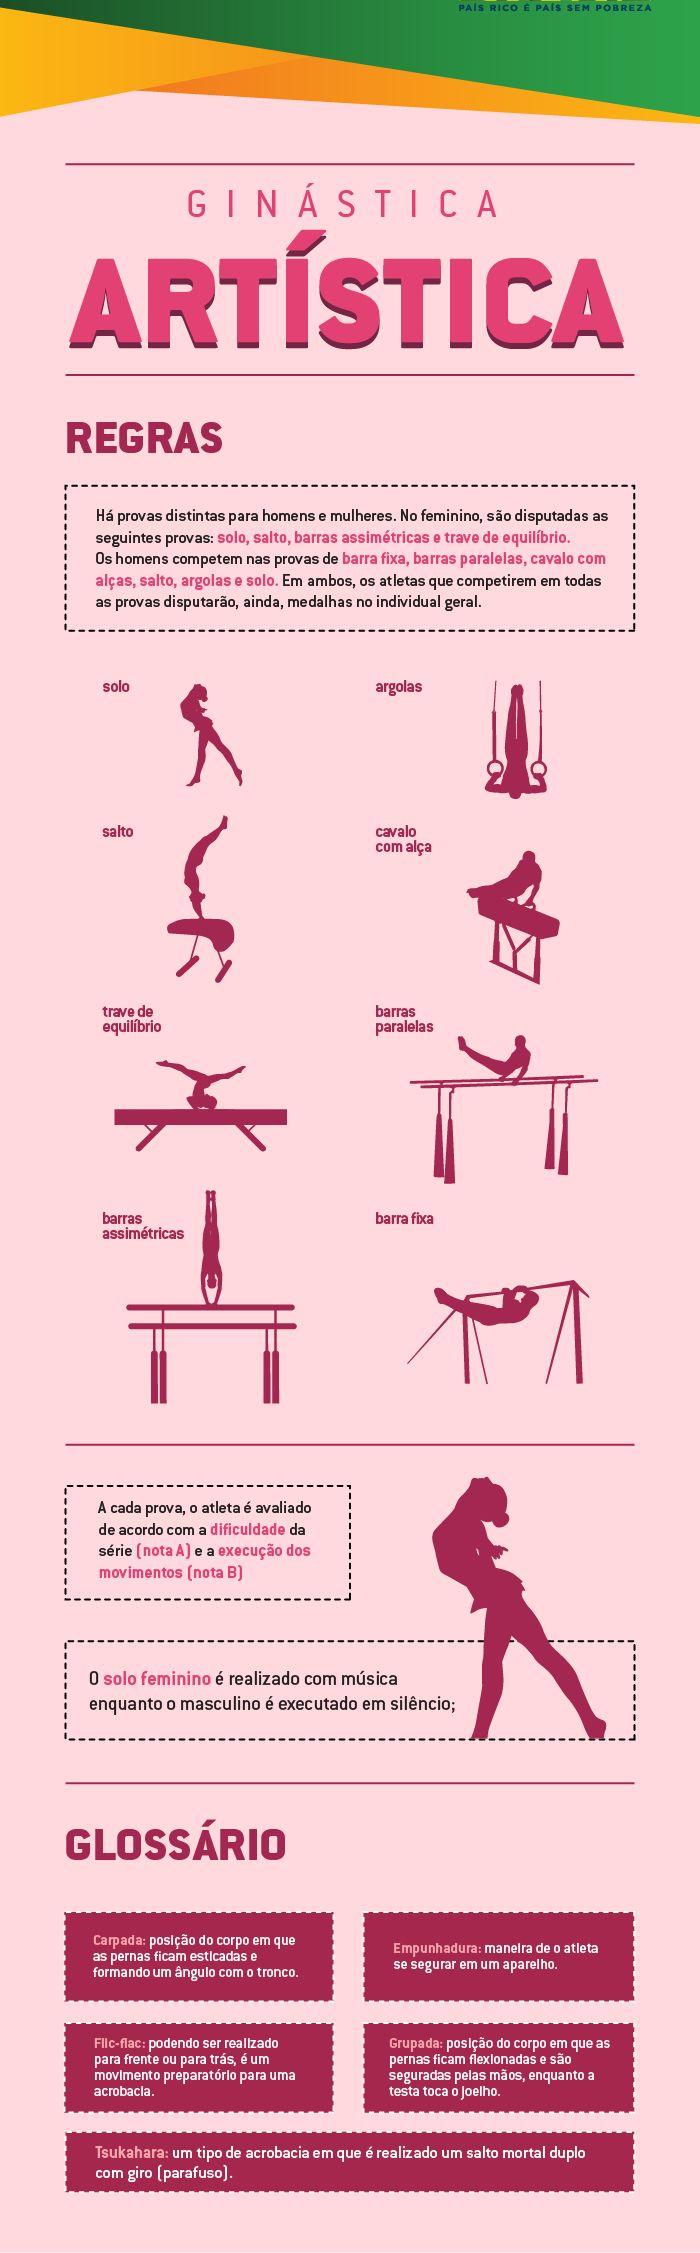 infografico_ginastica_artistica_ok_2-01.png